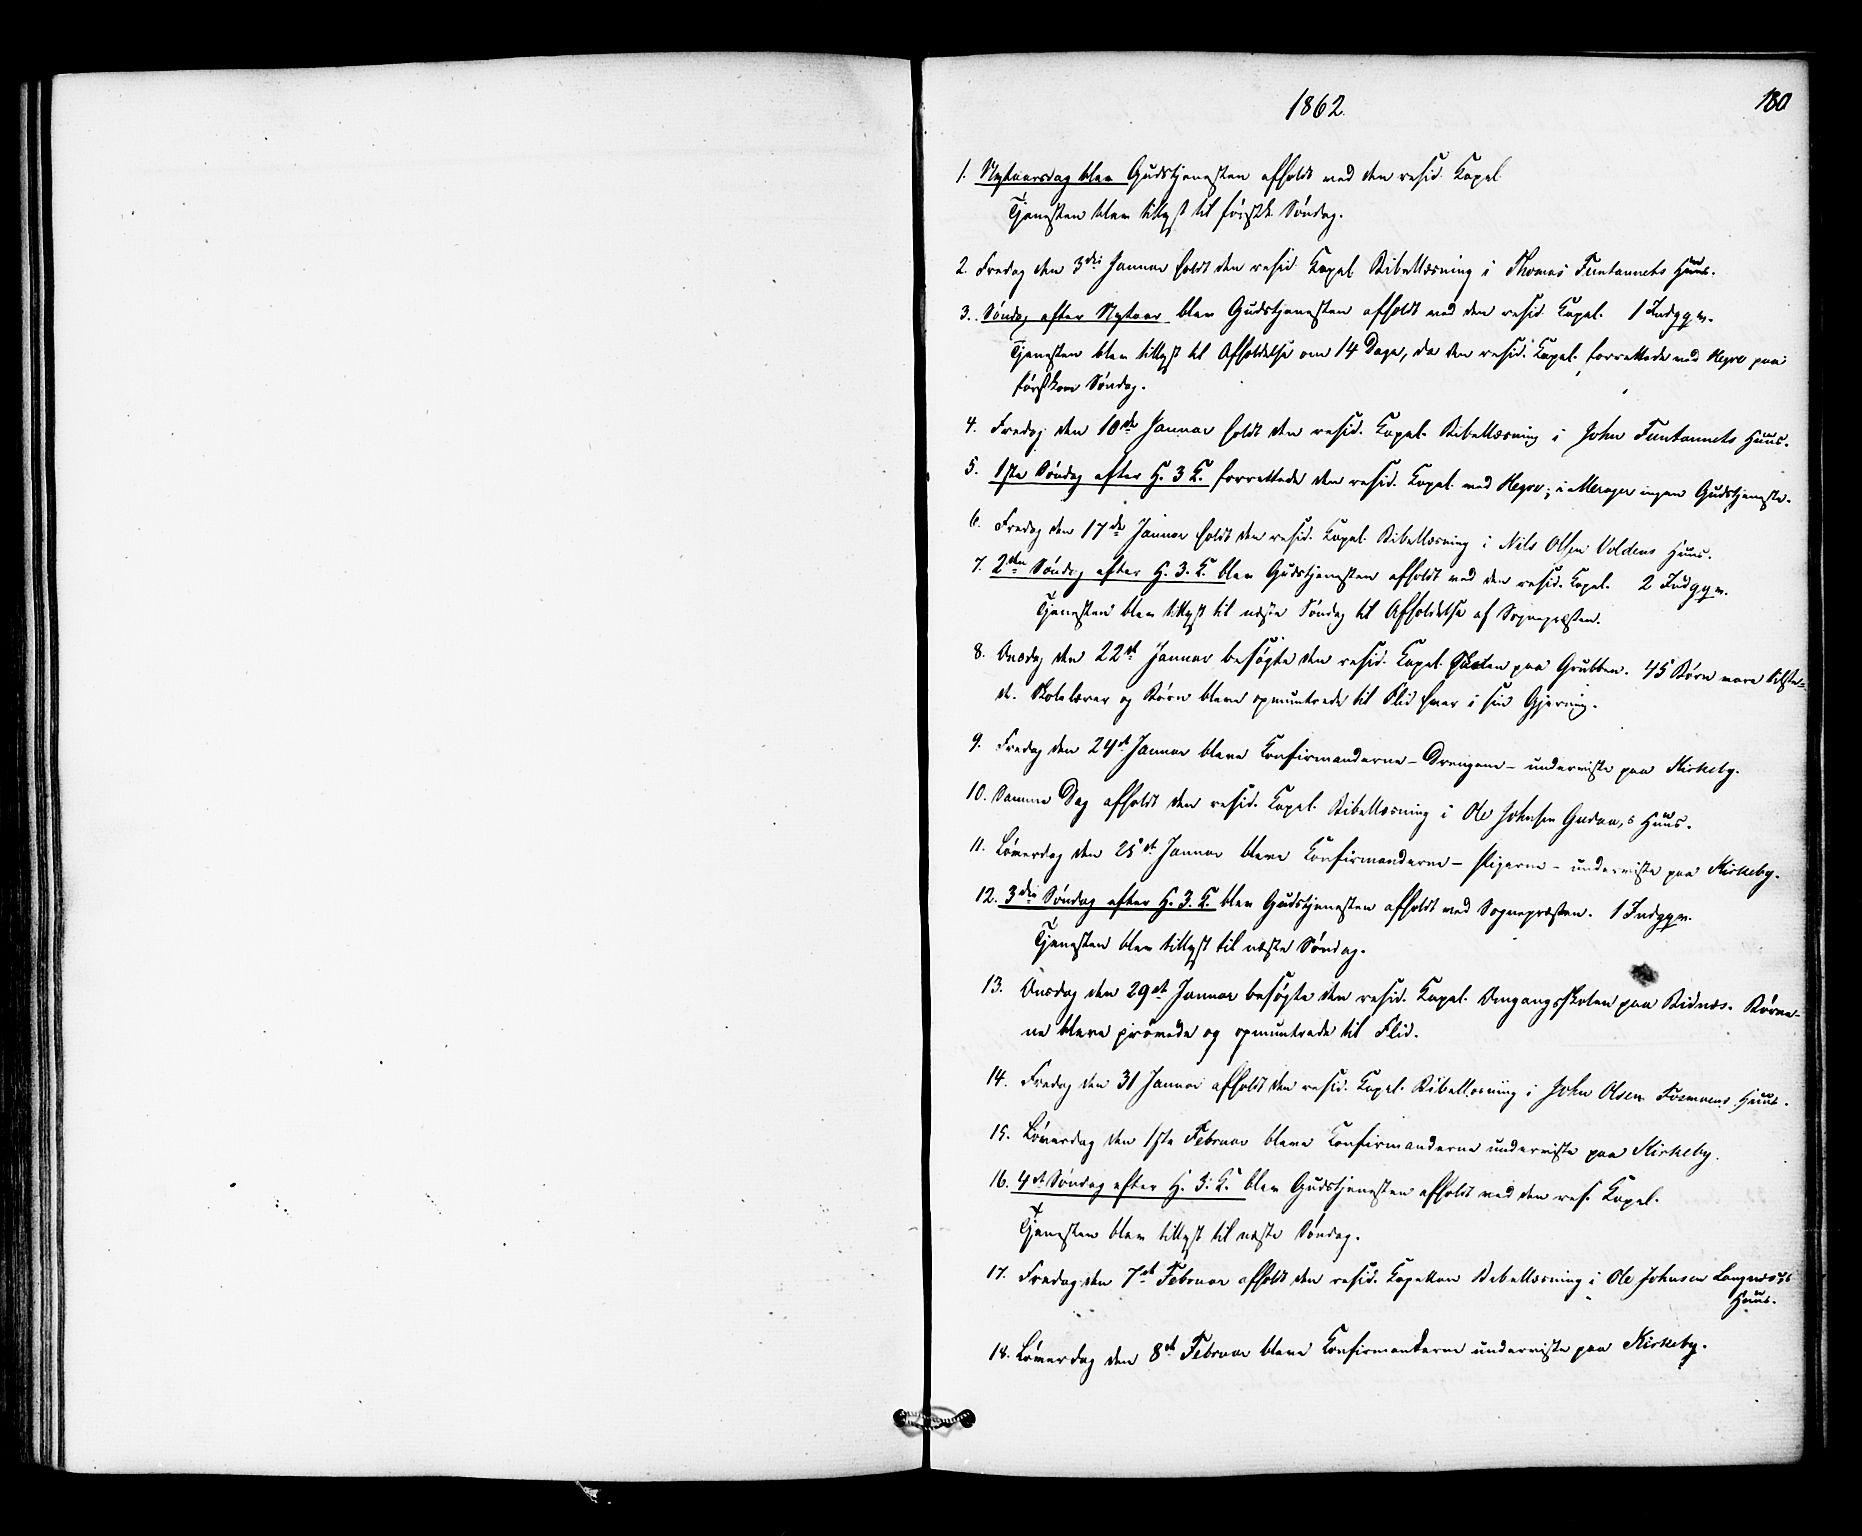 SAT, Ministerialprotokoller, klokkerbøker og fødselsregistre - Nord-Trøndelag, 706/L0041: Ministerialbok nr. 706A02, 1862-1877, s. 180